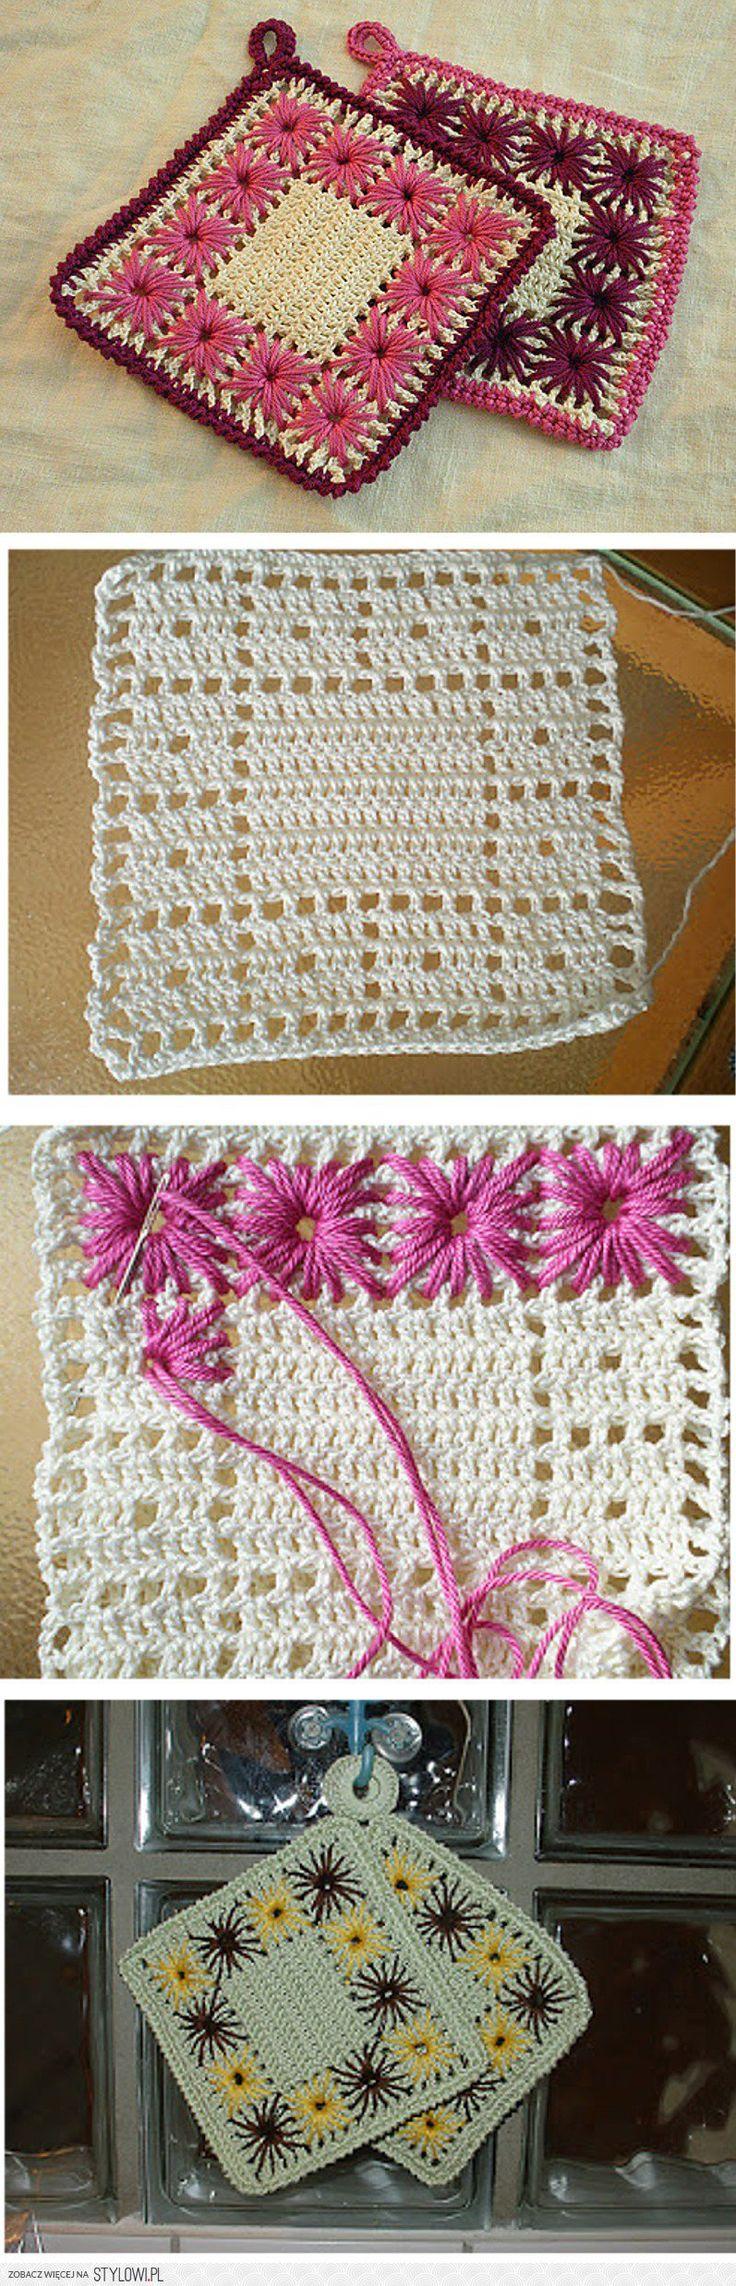 #crochet #potholder